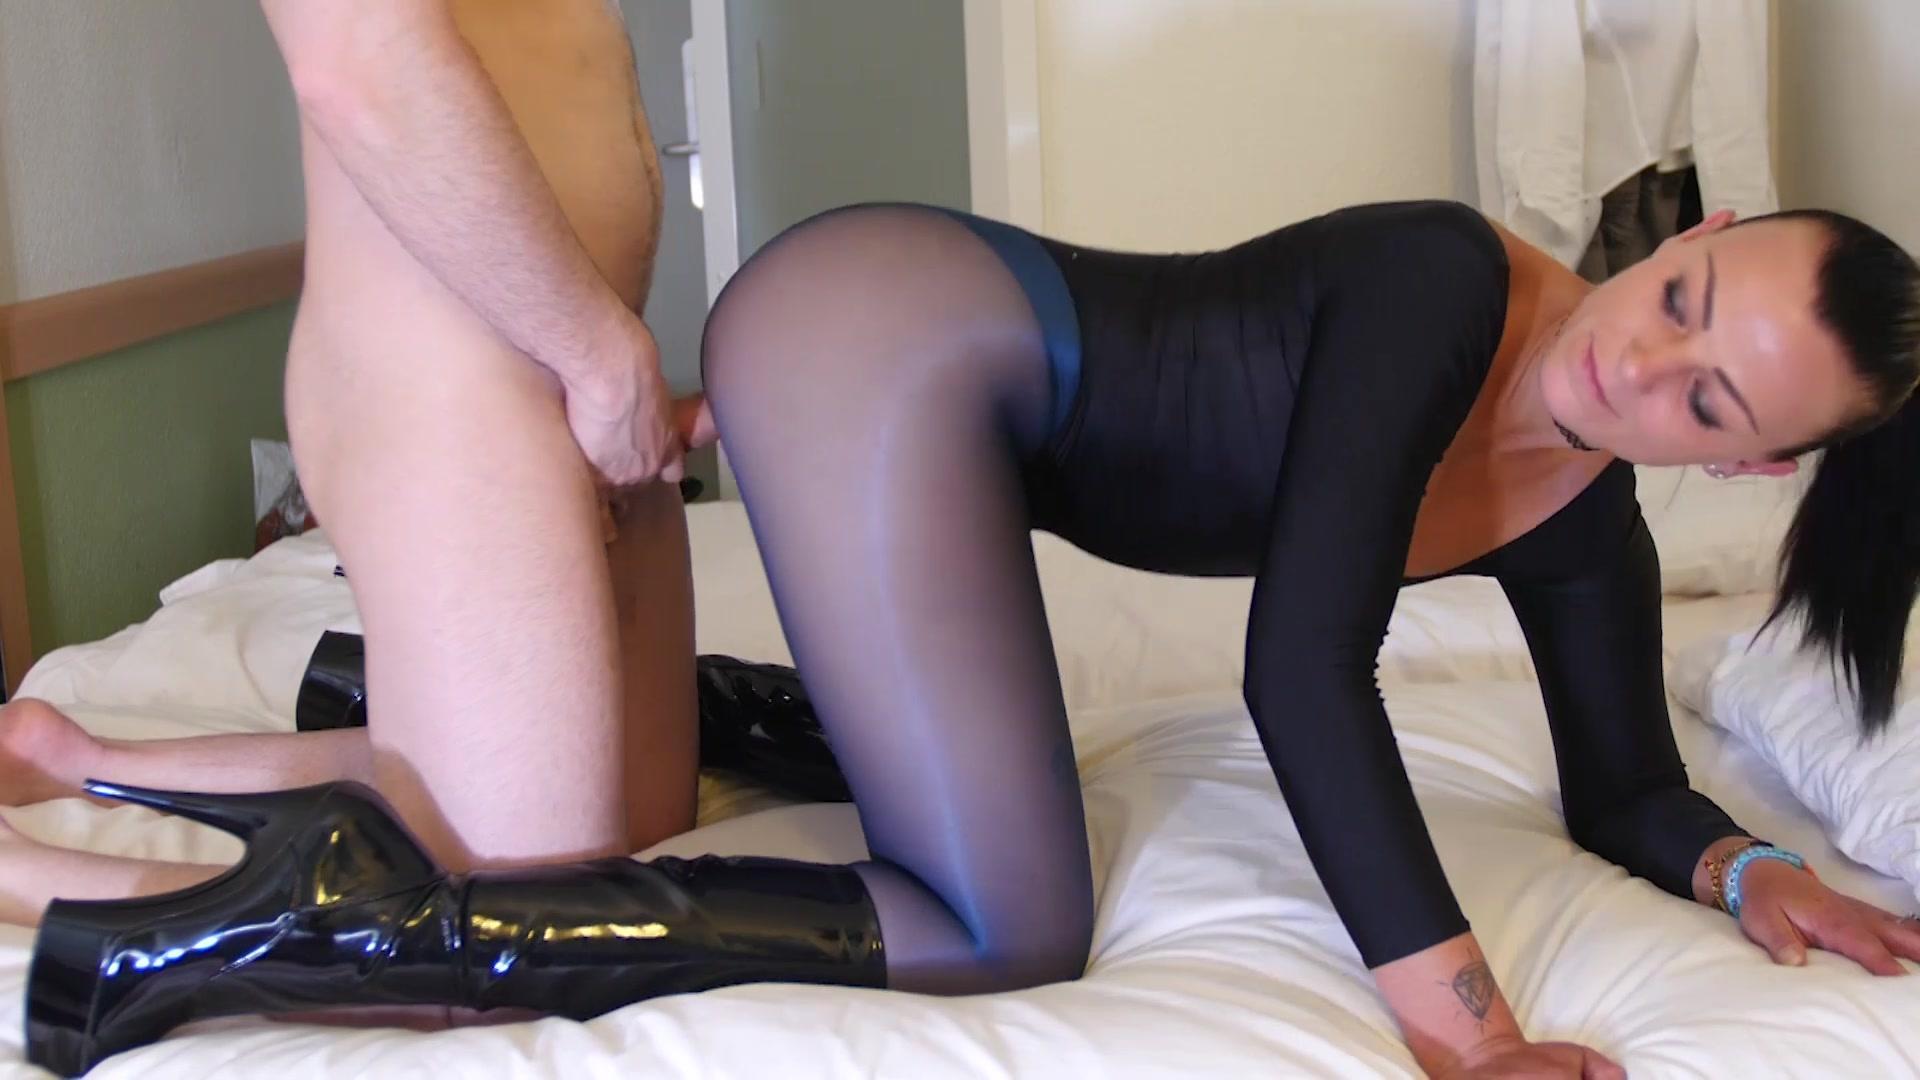 Girl rides dildo porn